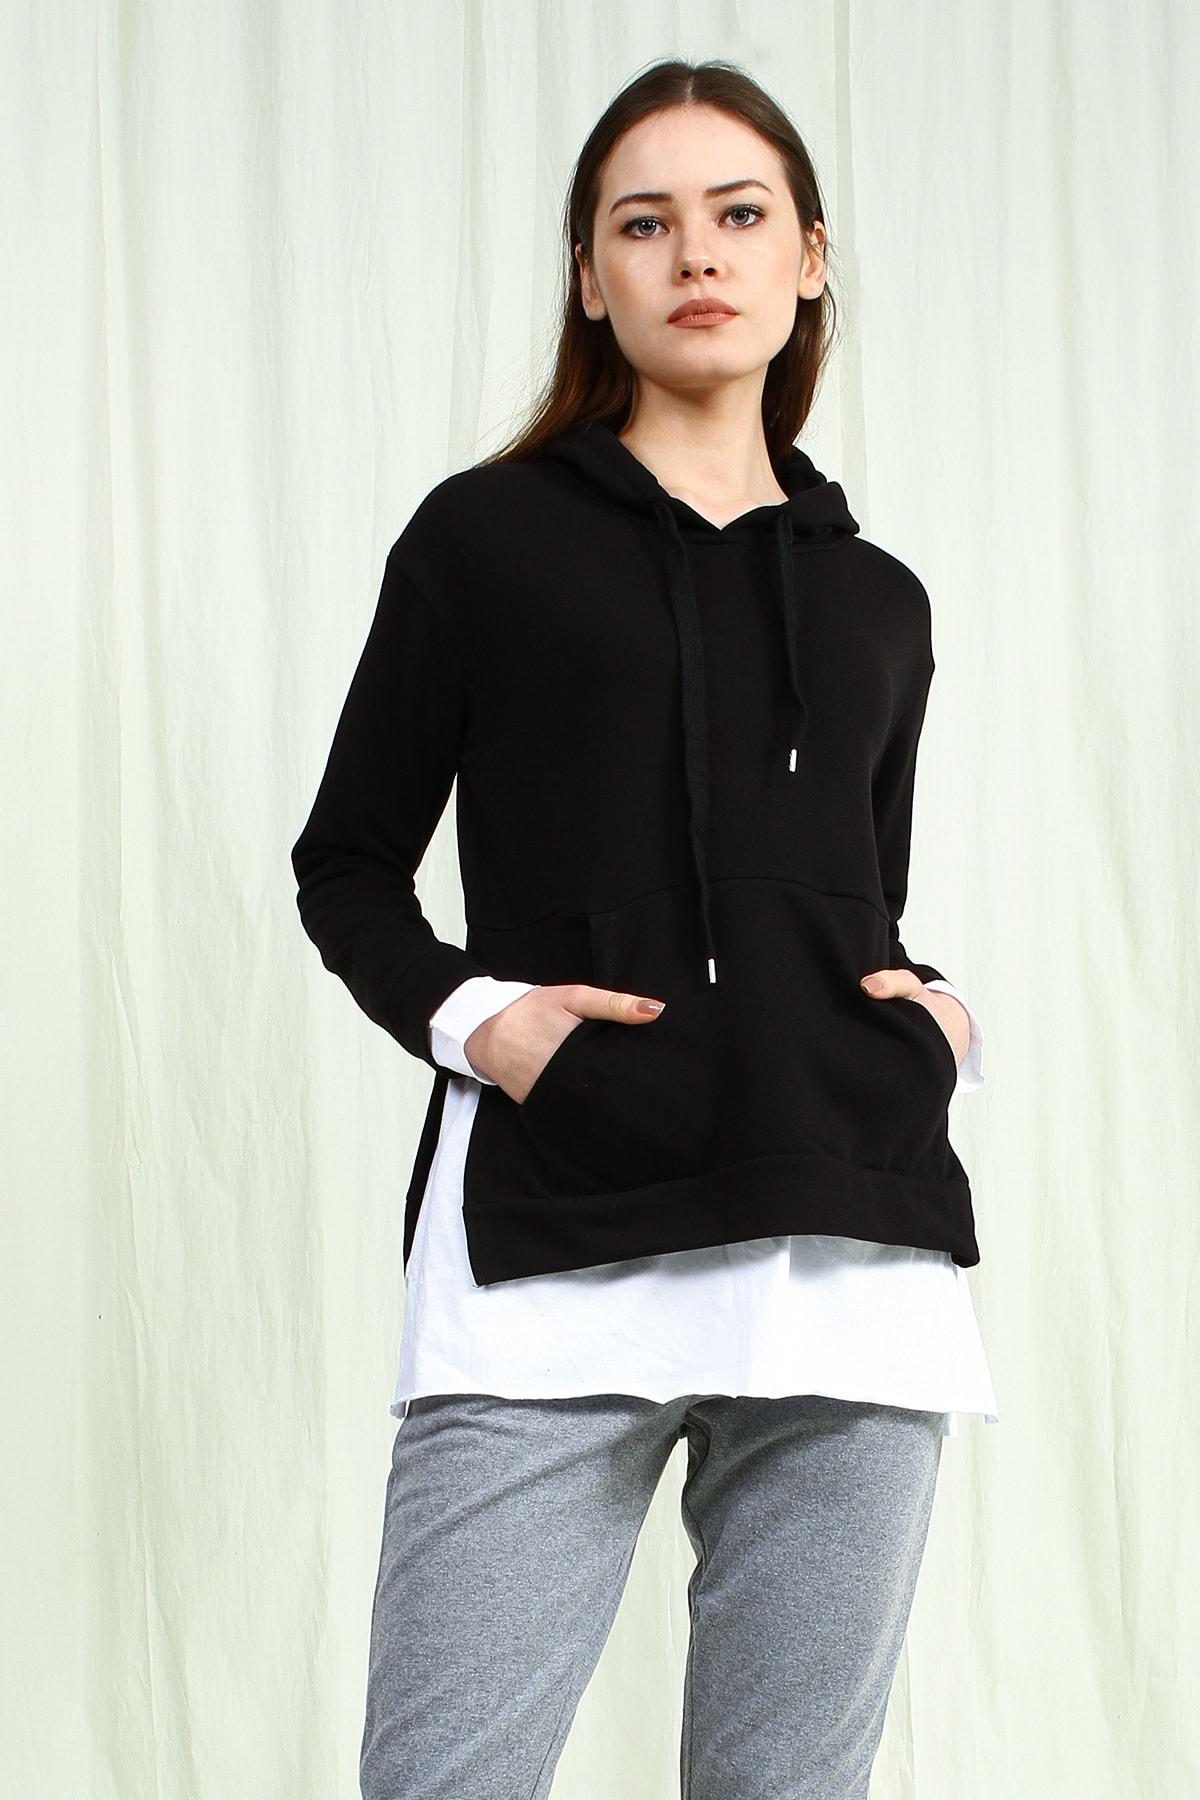 Collezione Siyah Kapişonlu Yanları Yırtmaçlı Ön Cep Detaylı Uzun Kollu Kadın Sweatshirt 1